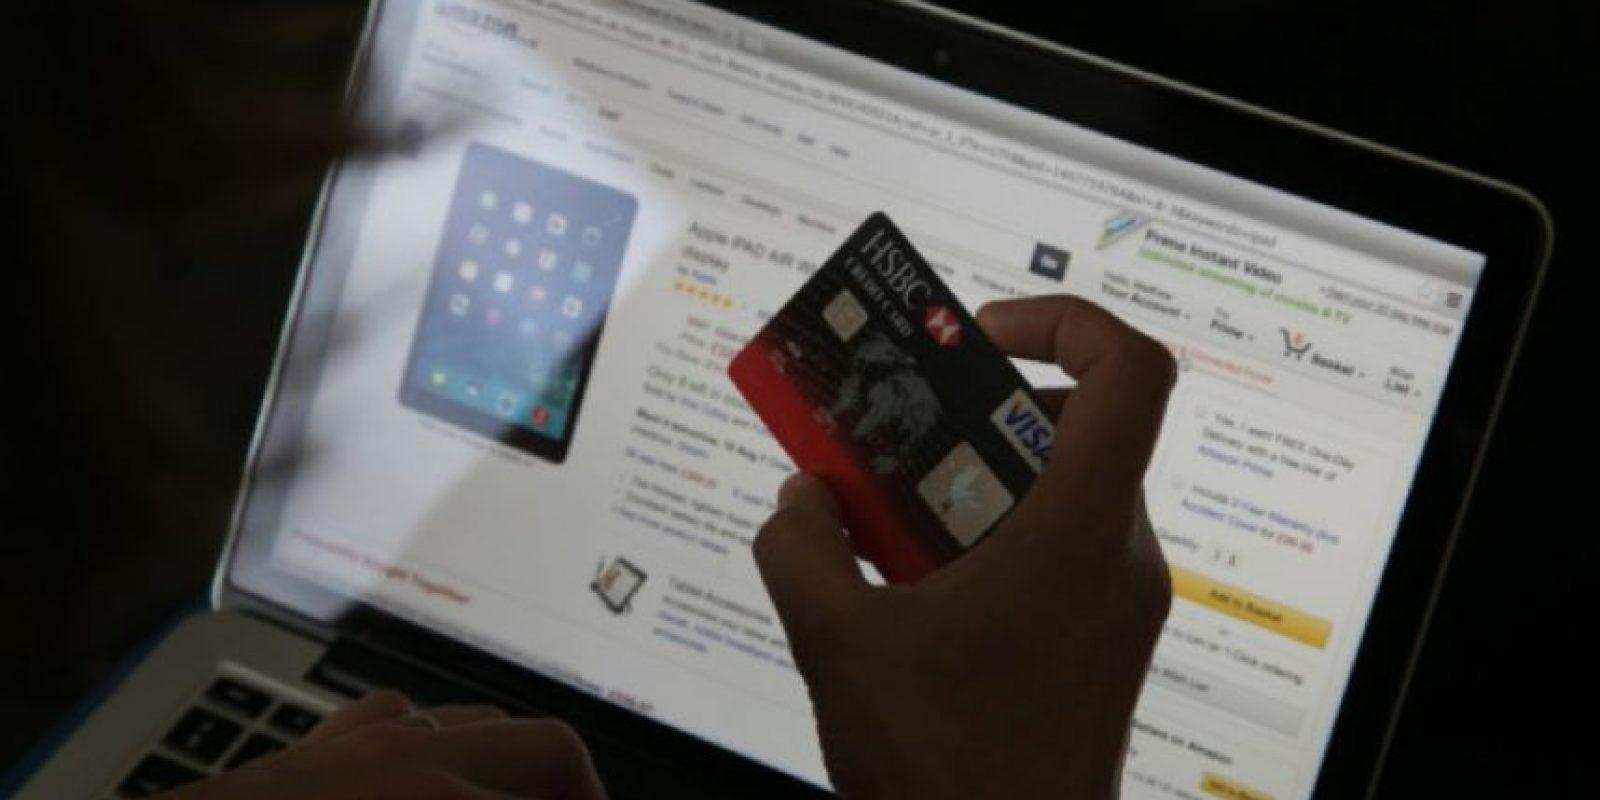 Lo mejor es cuidarse antes de comprar en Internet. Foto:Getty Images